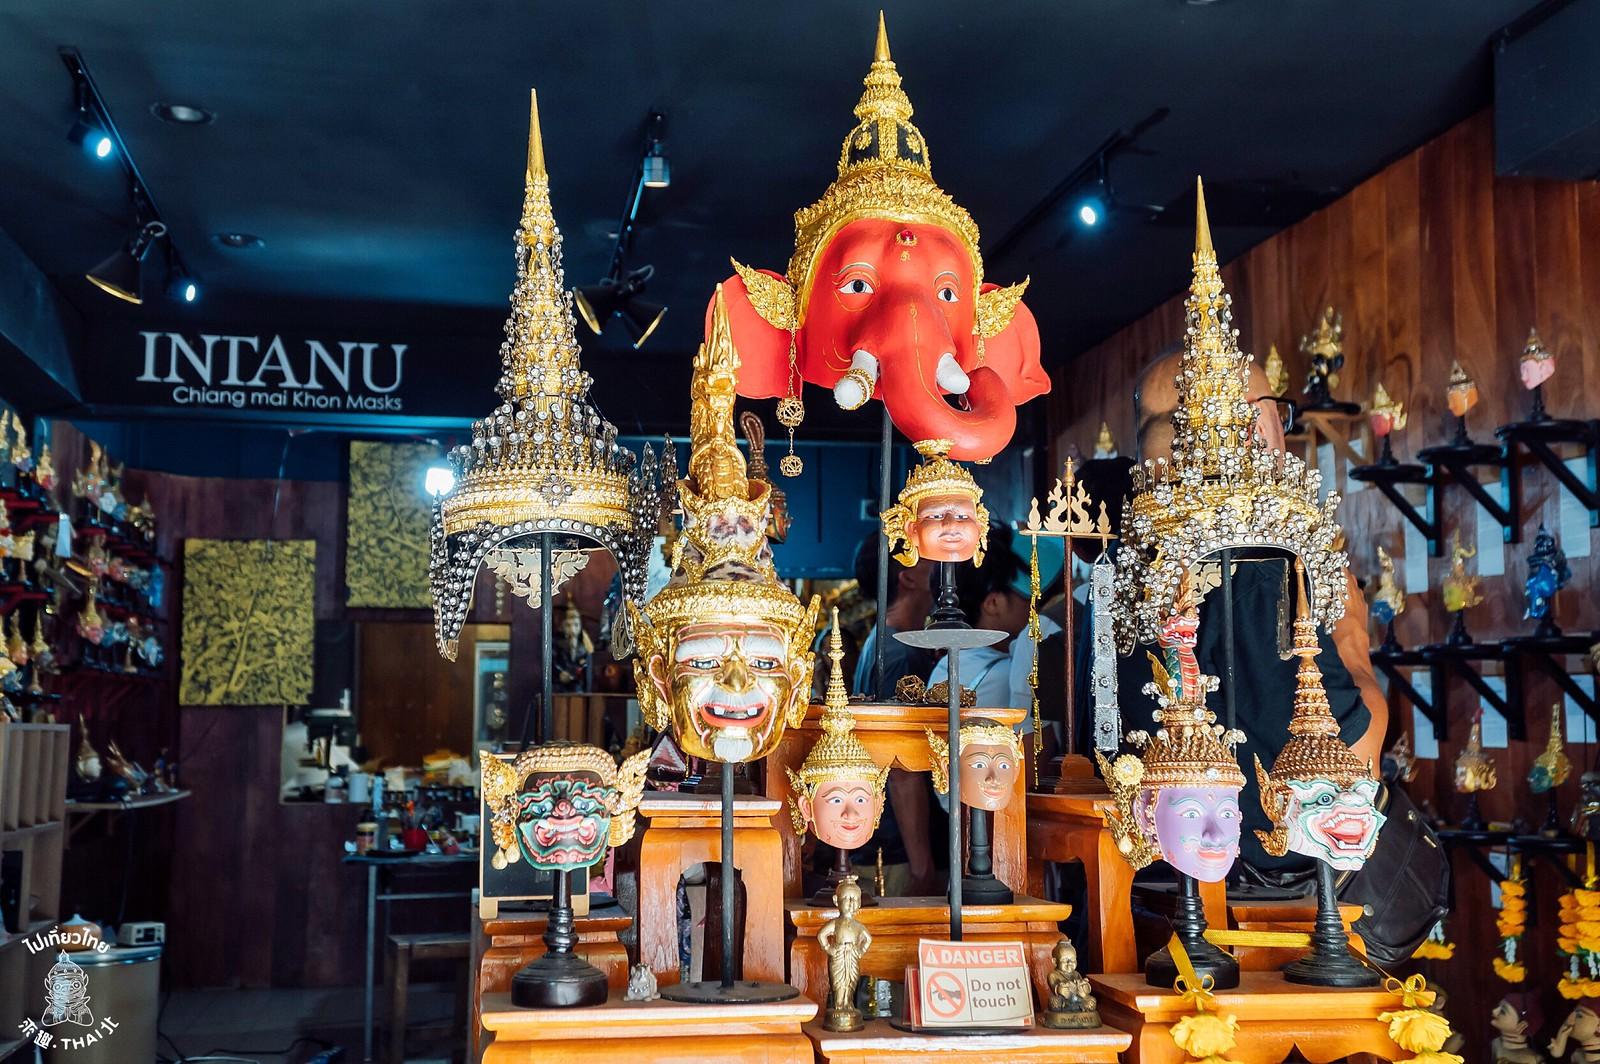 清邁觀光局力推的โขน孔劇面具推廣專賣《Intanu》